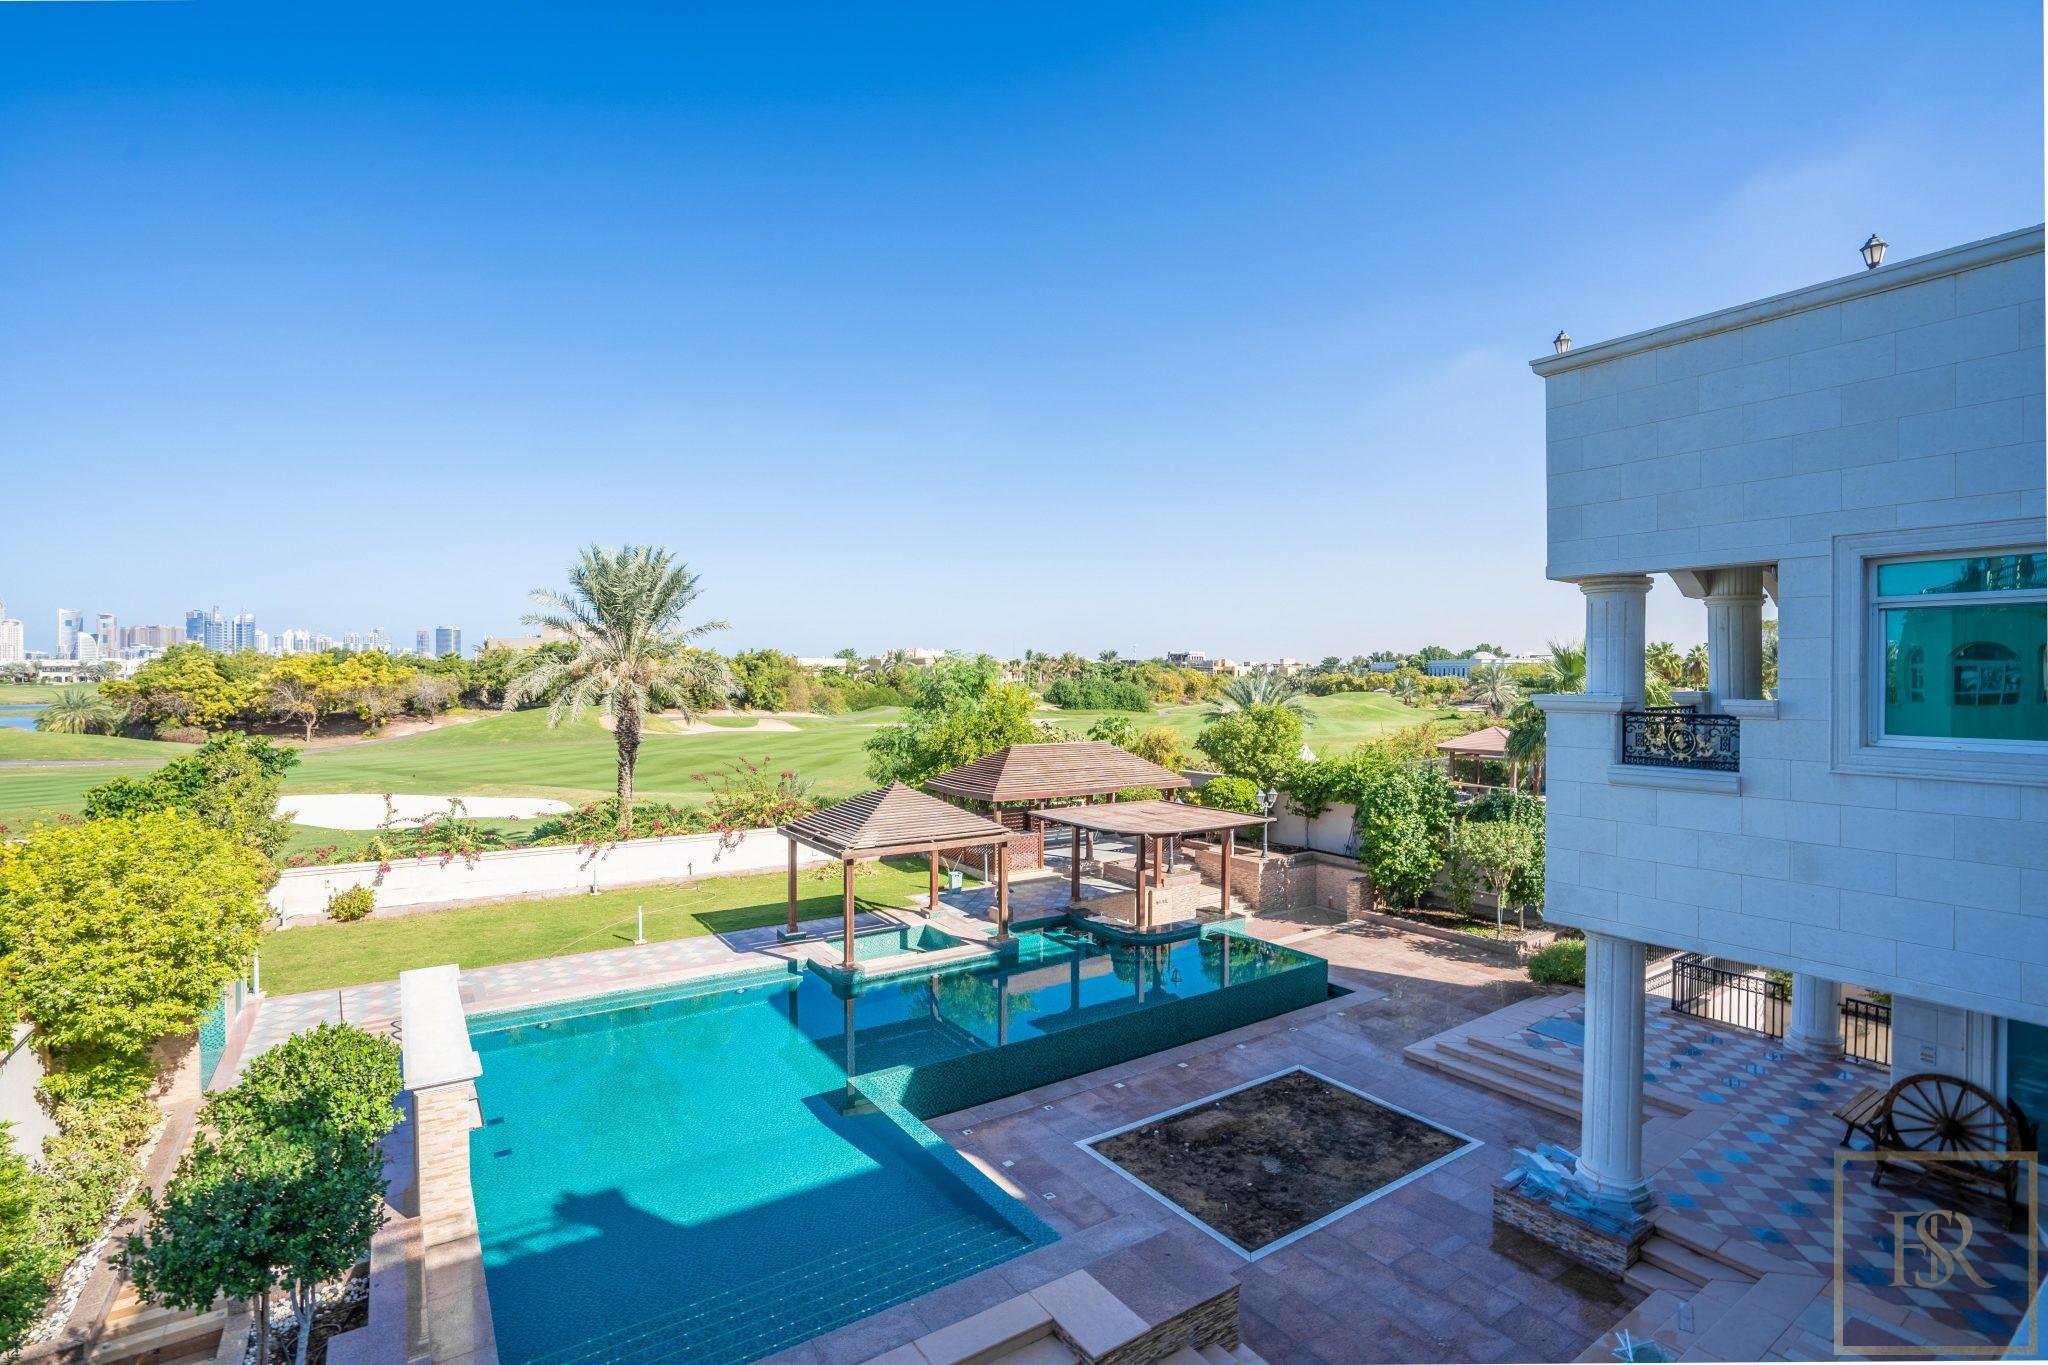 Villa Sector E - Emirates Hills, Dubai, UAE for sale For Super Rich